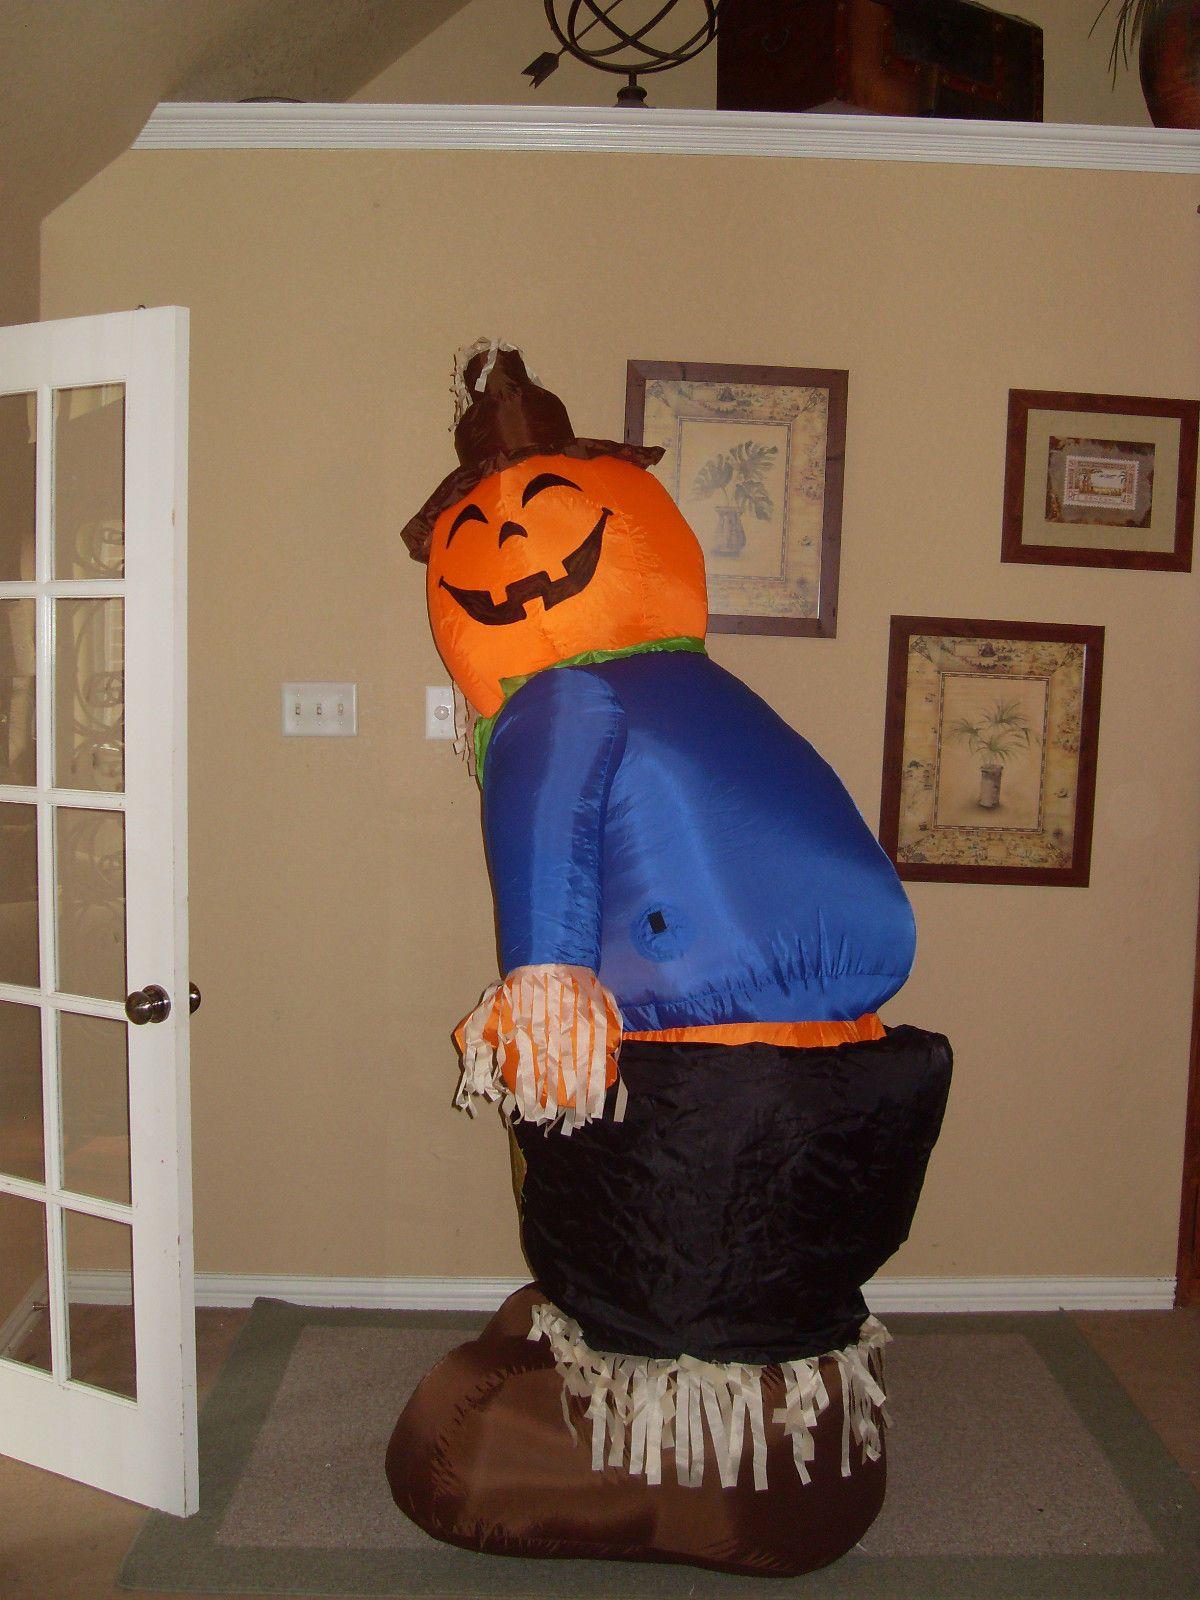 Prototype Gemmy Halloween Mooning Scarecrow Pumpkin